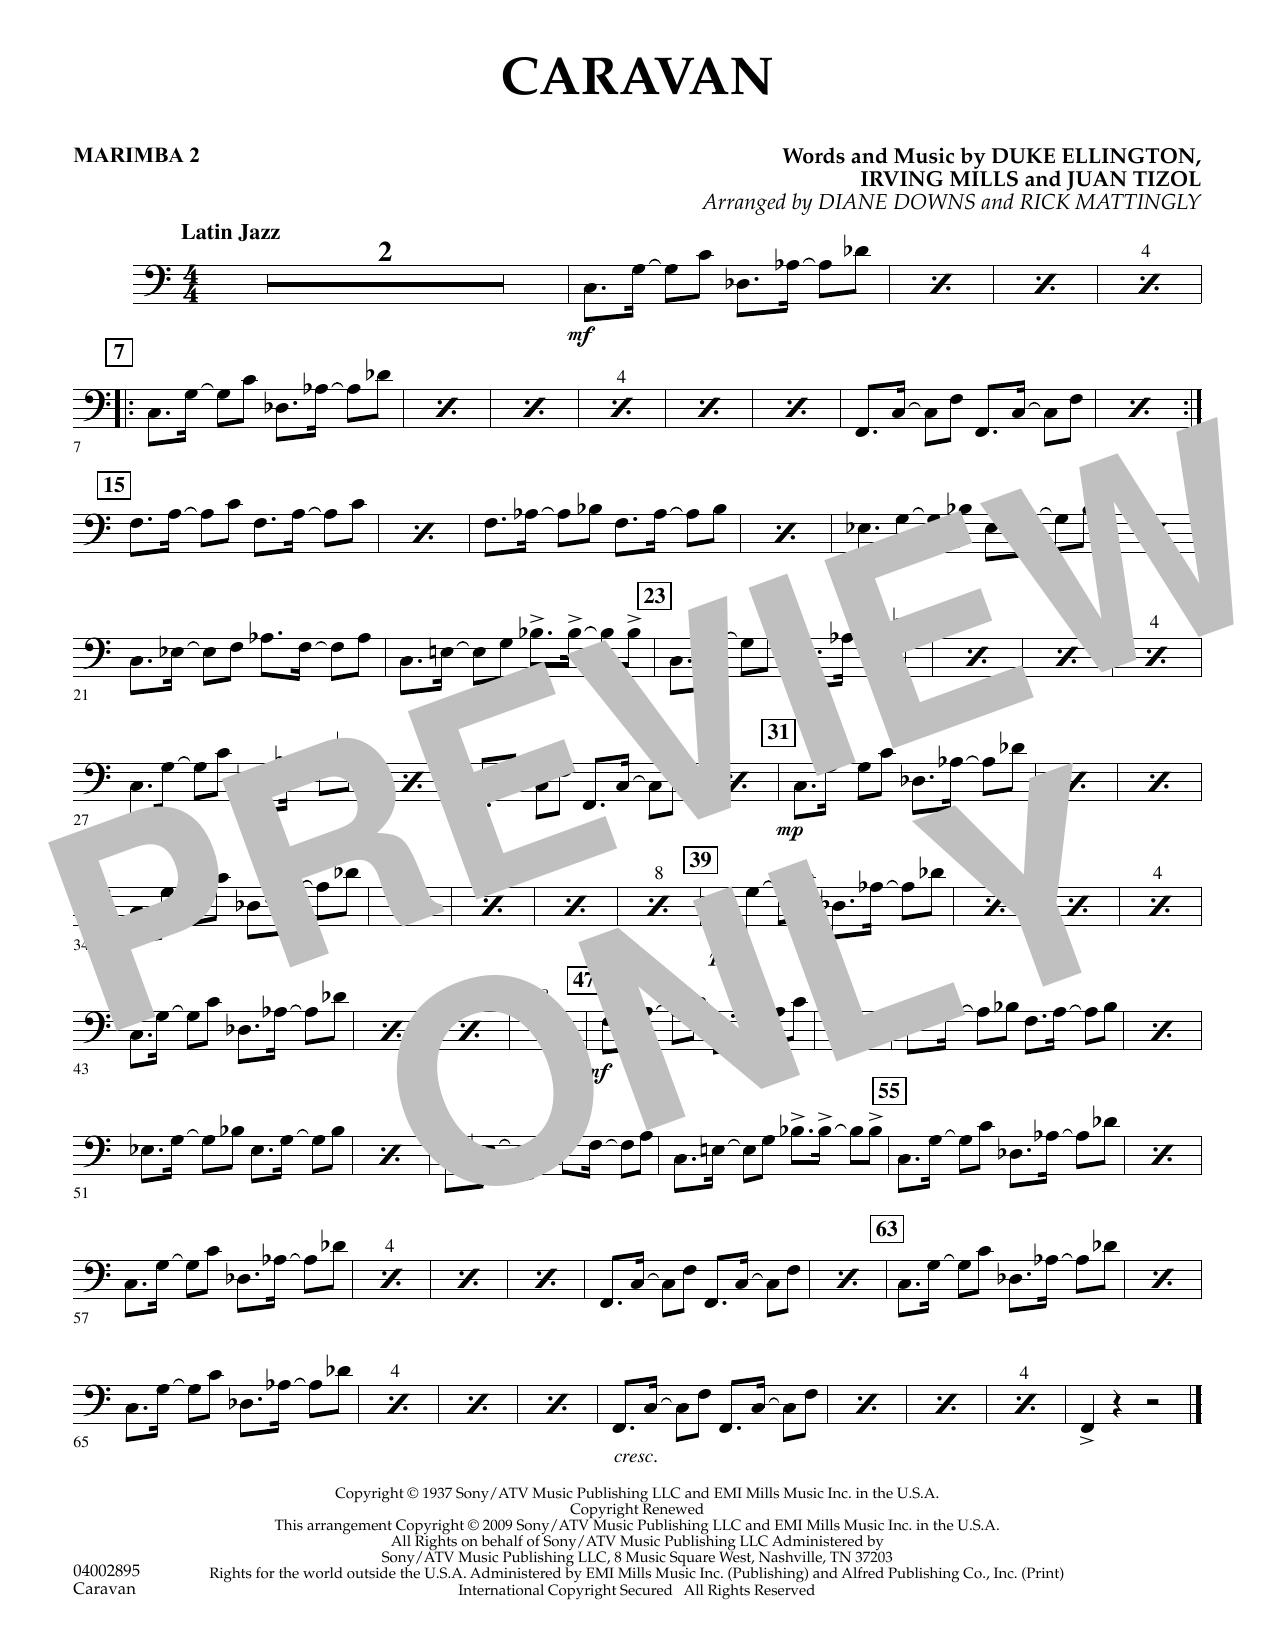 Caravan - Marimba 2 (Concert Band)